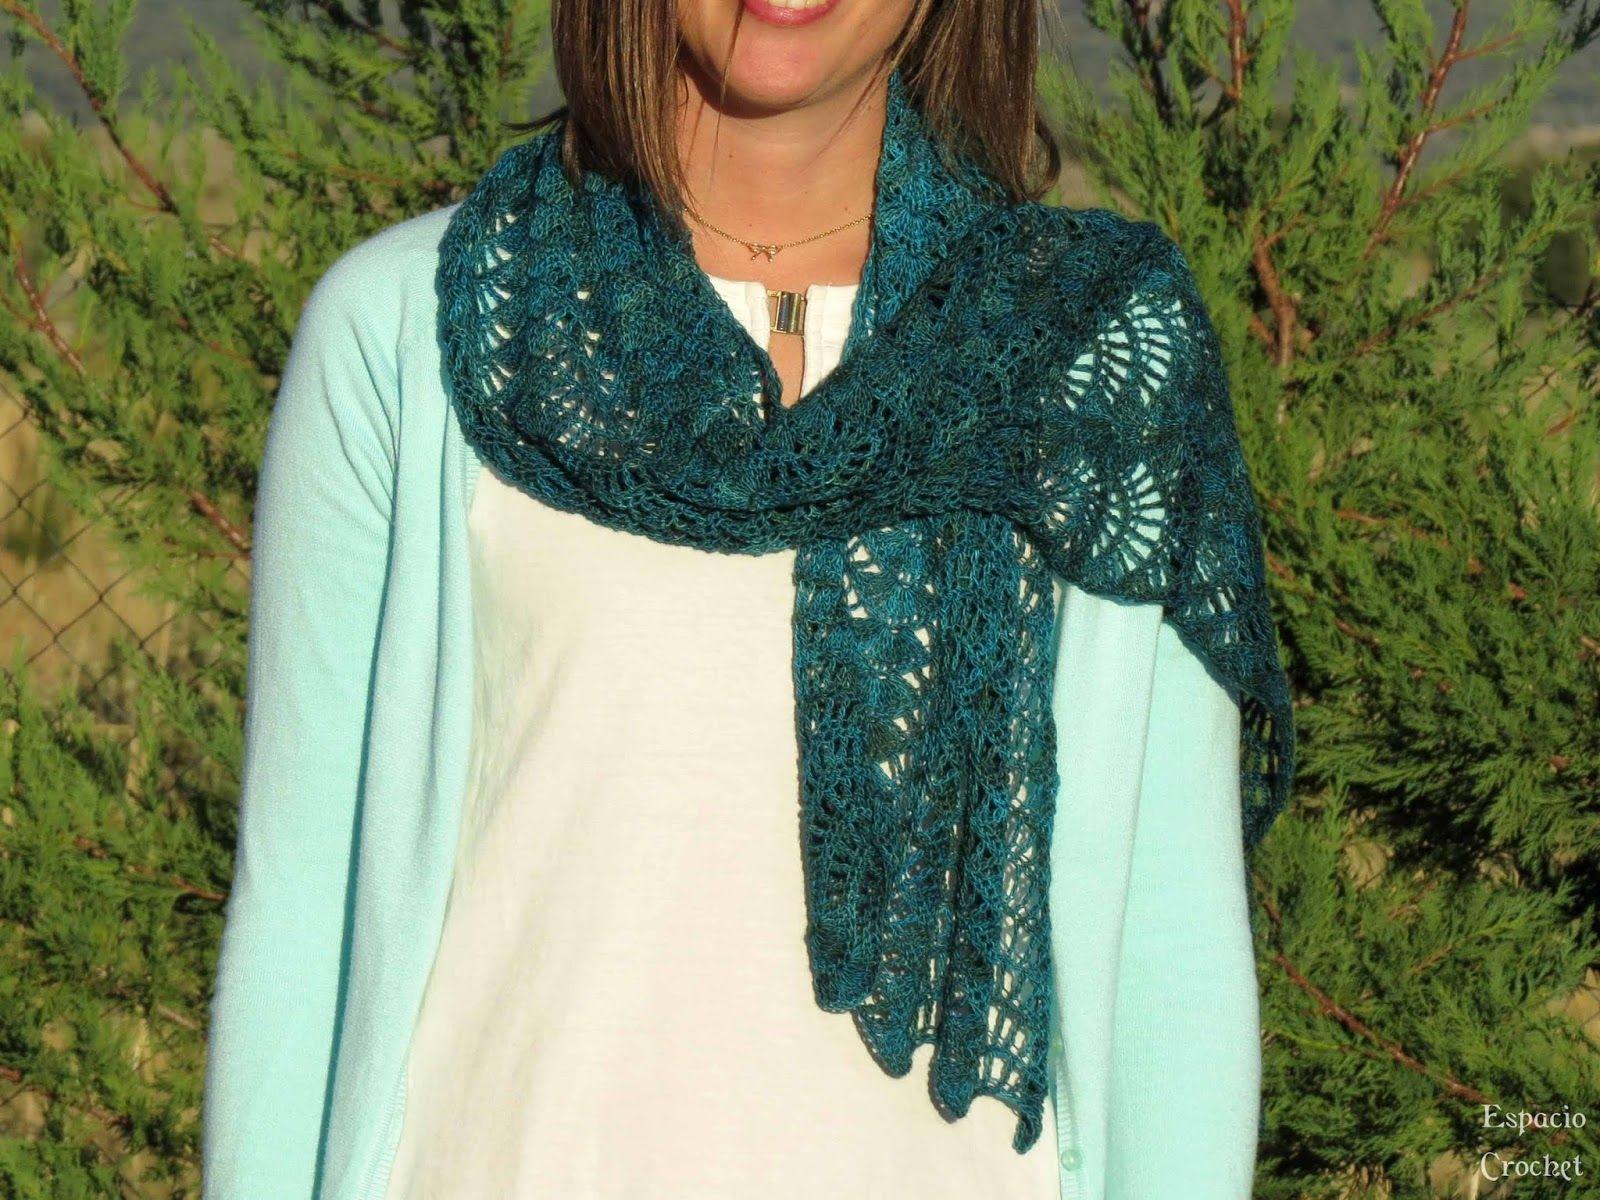 Espacio Crochet: Chal rectangular, patrón gráfico muy bonito ...